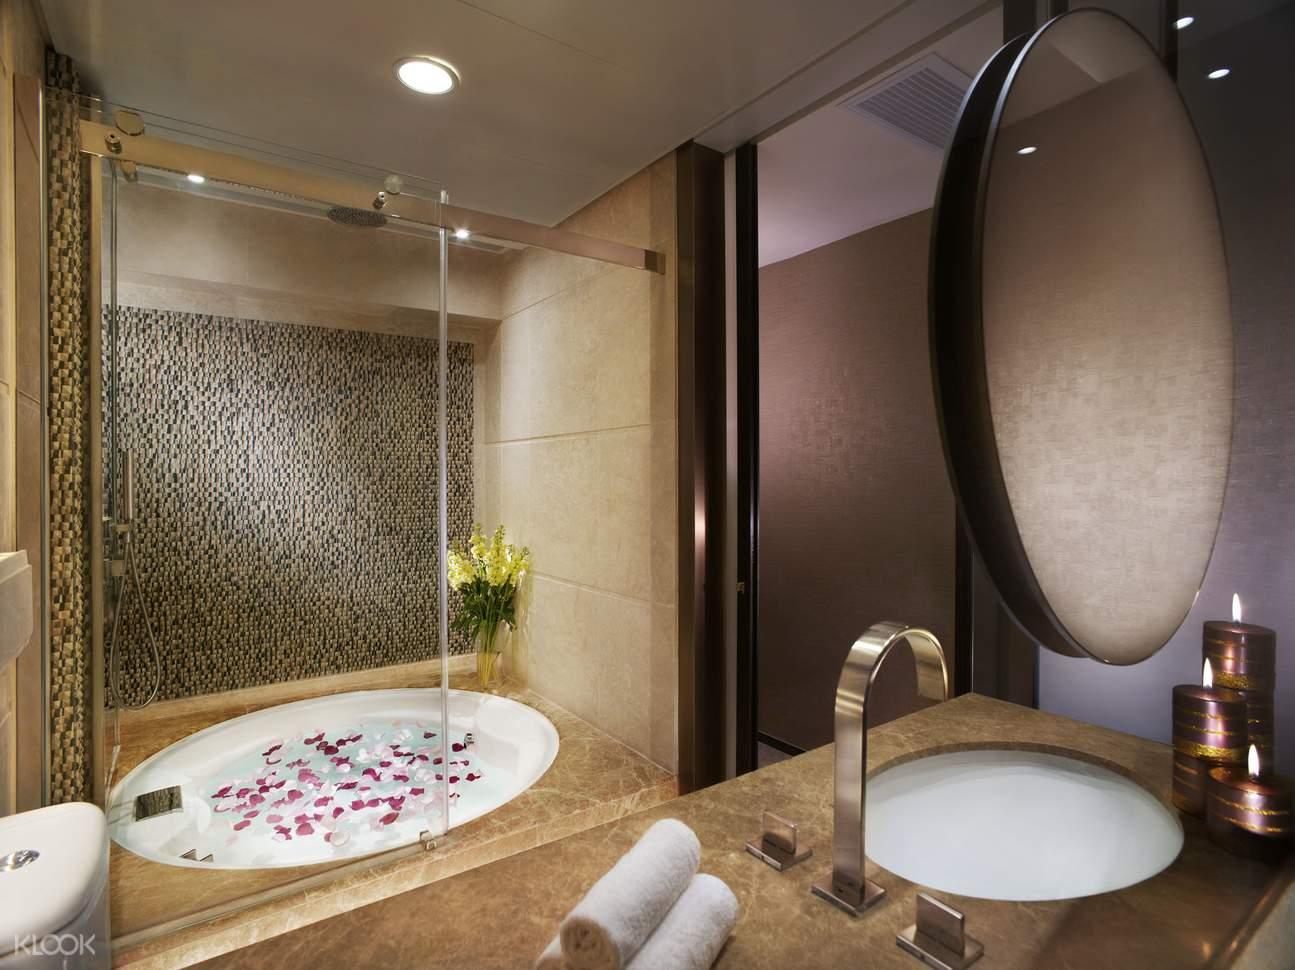 尊貴海景客房 - 浴室 (圓形浴缸)